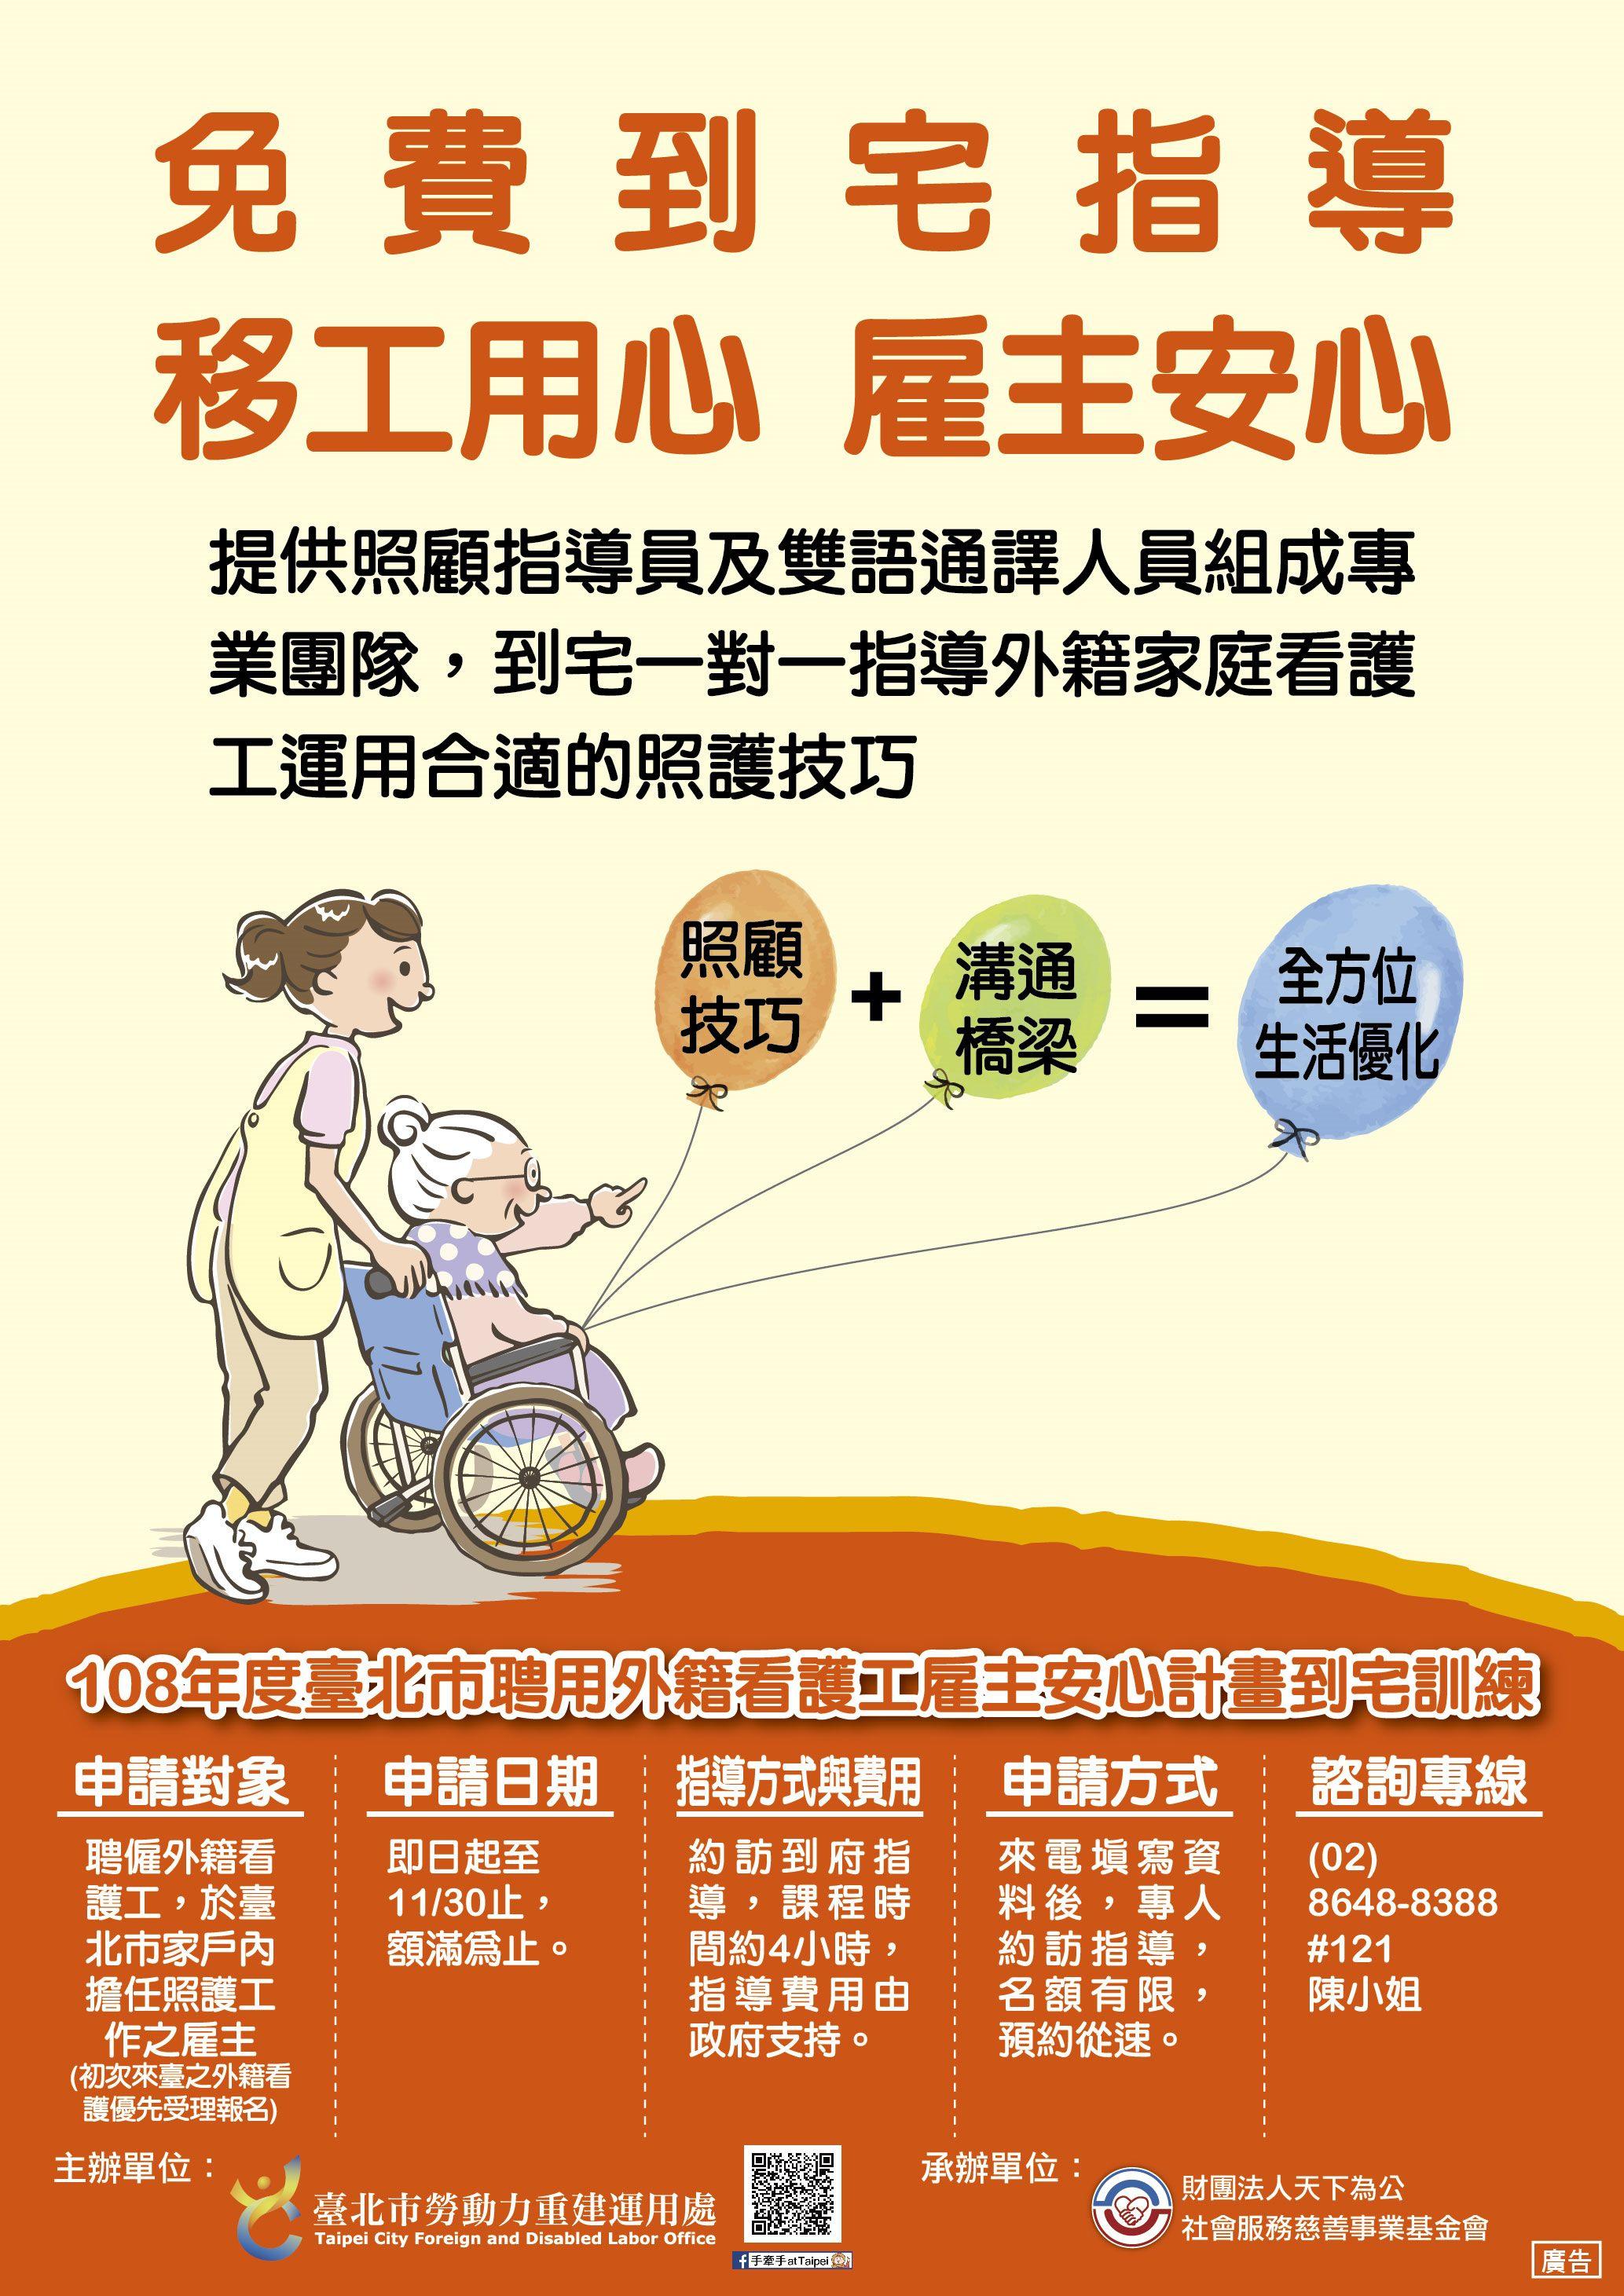 108年度臺北市聘用外籍看護工雇主安心計畫到宅訓練DM